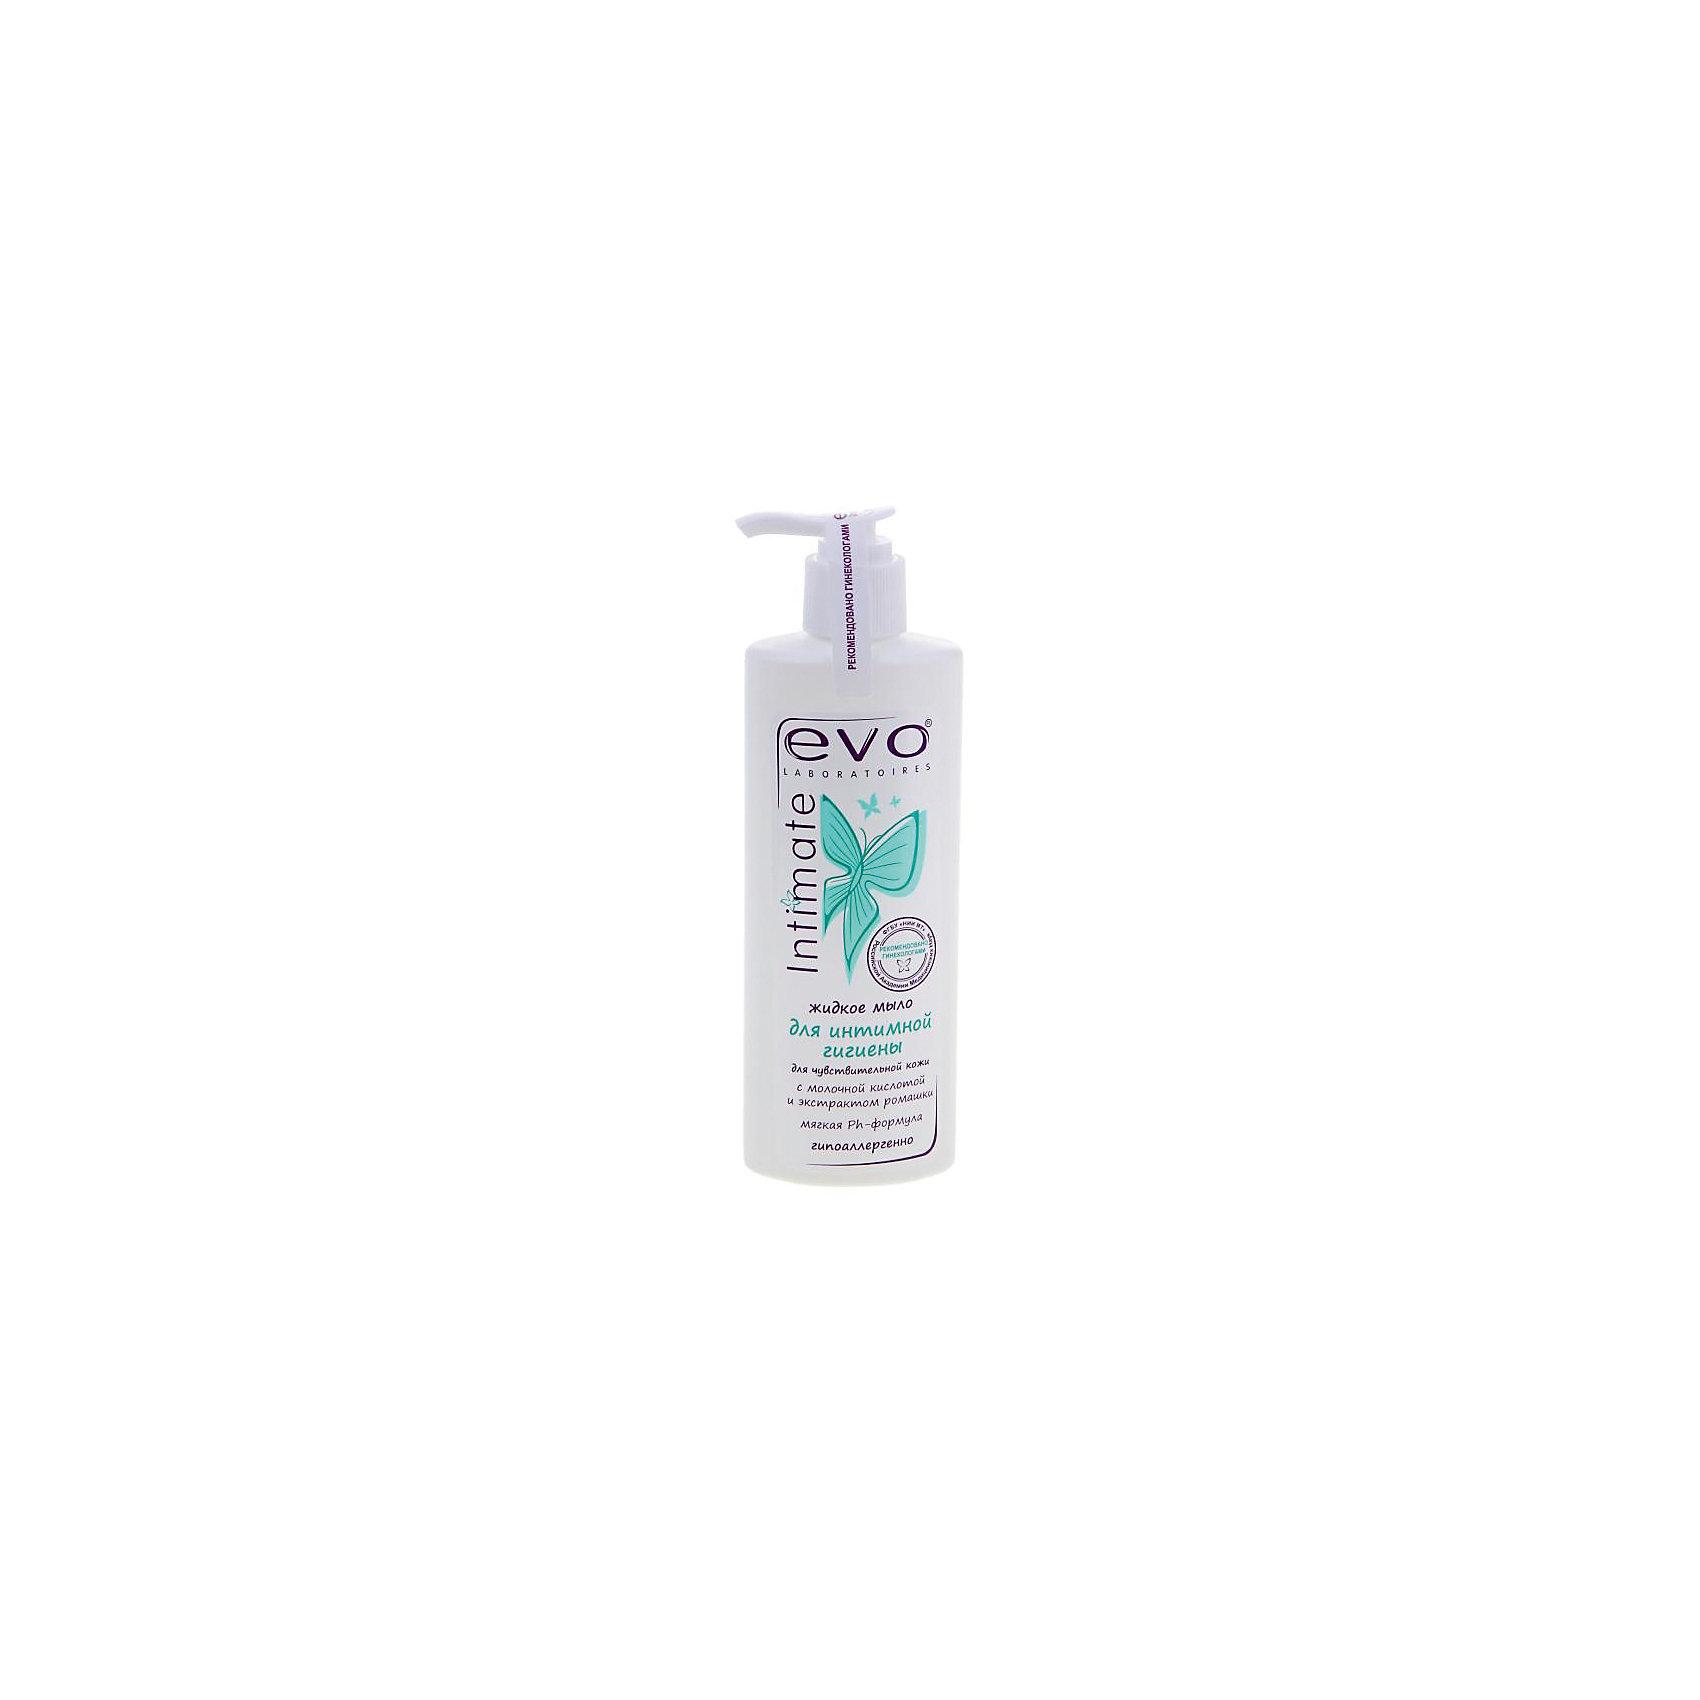 Мыло жидкое для интимной гигиены для чувствительной кожи EVO 200 мл.EVO - жидкое мыло для интимной гигиены. Деликатно ухаживает, сохраняя естественный рН кожи, предупреждает сухость и раздражение. Мыло содержит экстракт ромашки, молочную кислоту и аллантоин. Это жидкое мыло подарит комфорт и свежесть на весь день! <br><br>Дополнительная информация: <br>Объем: 200 мл<br><br>Вы можете приобрести жидкое мыло для интимной гигиены EVO в нашем интернет-магазине.<br><br>Ширина мм: 35<br>Глубина мм: 70<br>Высота мм: 190<br>Вес г: 250<br>Возраст от месяцев: 216<br>Возраст до месяцев: 600<br>Пол: Унисекс<br>Возраст: Детский<br>SKU: 5007691